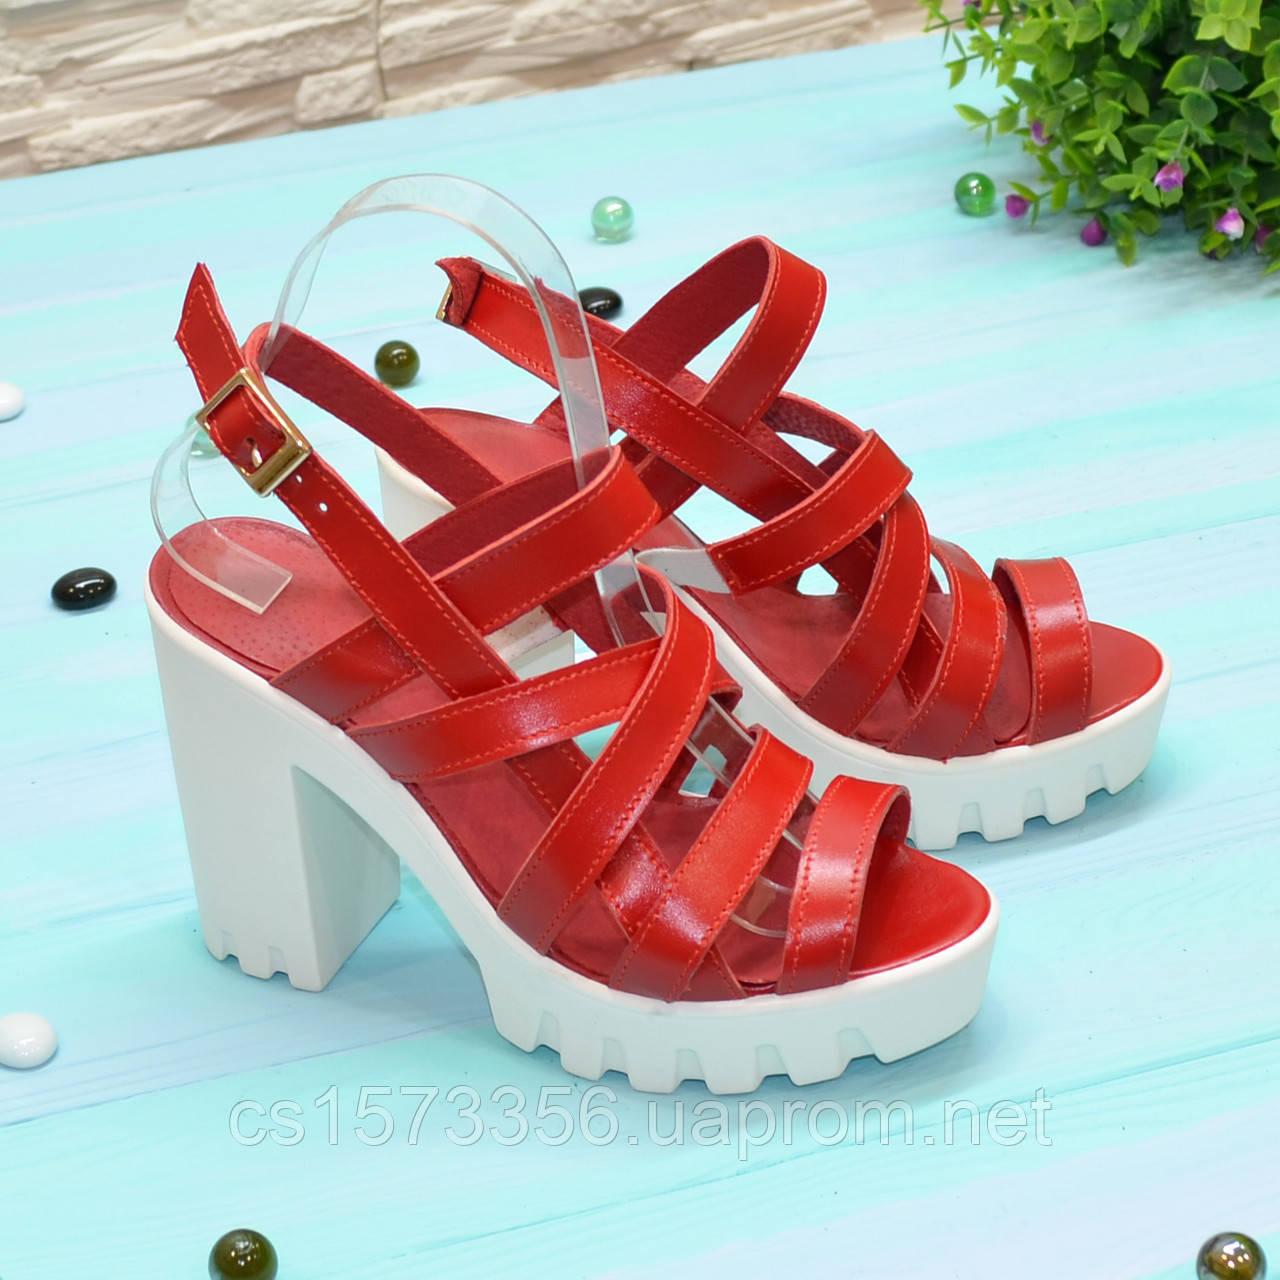 Женские кожаные босоножки на устойчивом каблуке, цвет красный